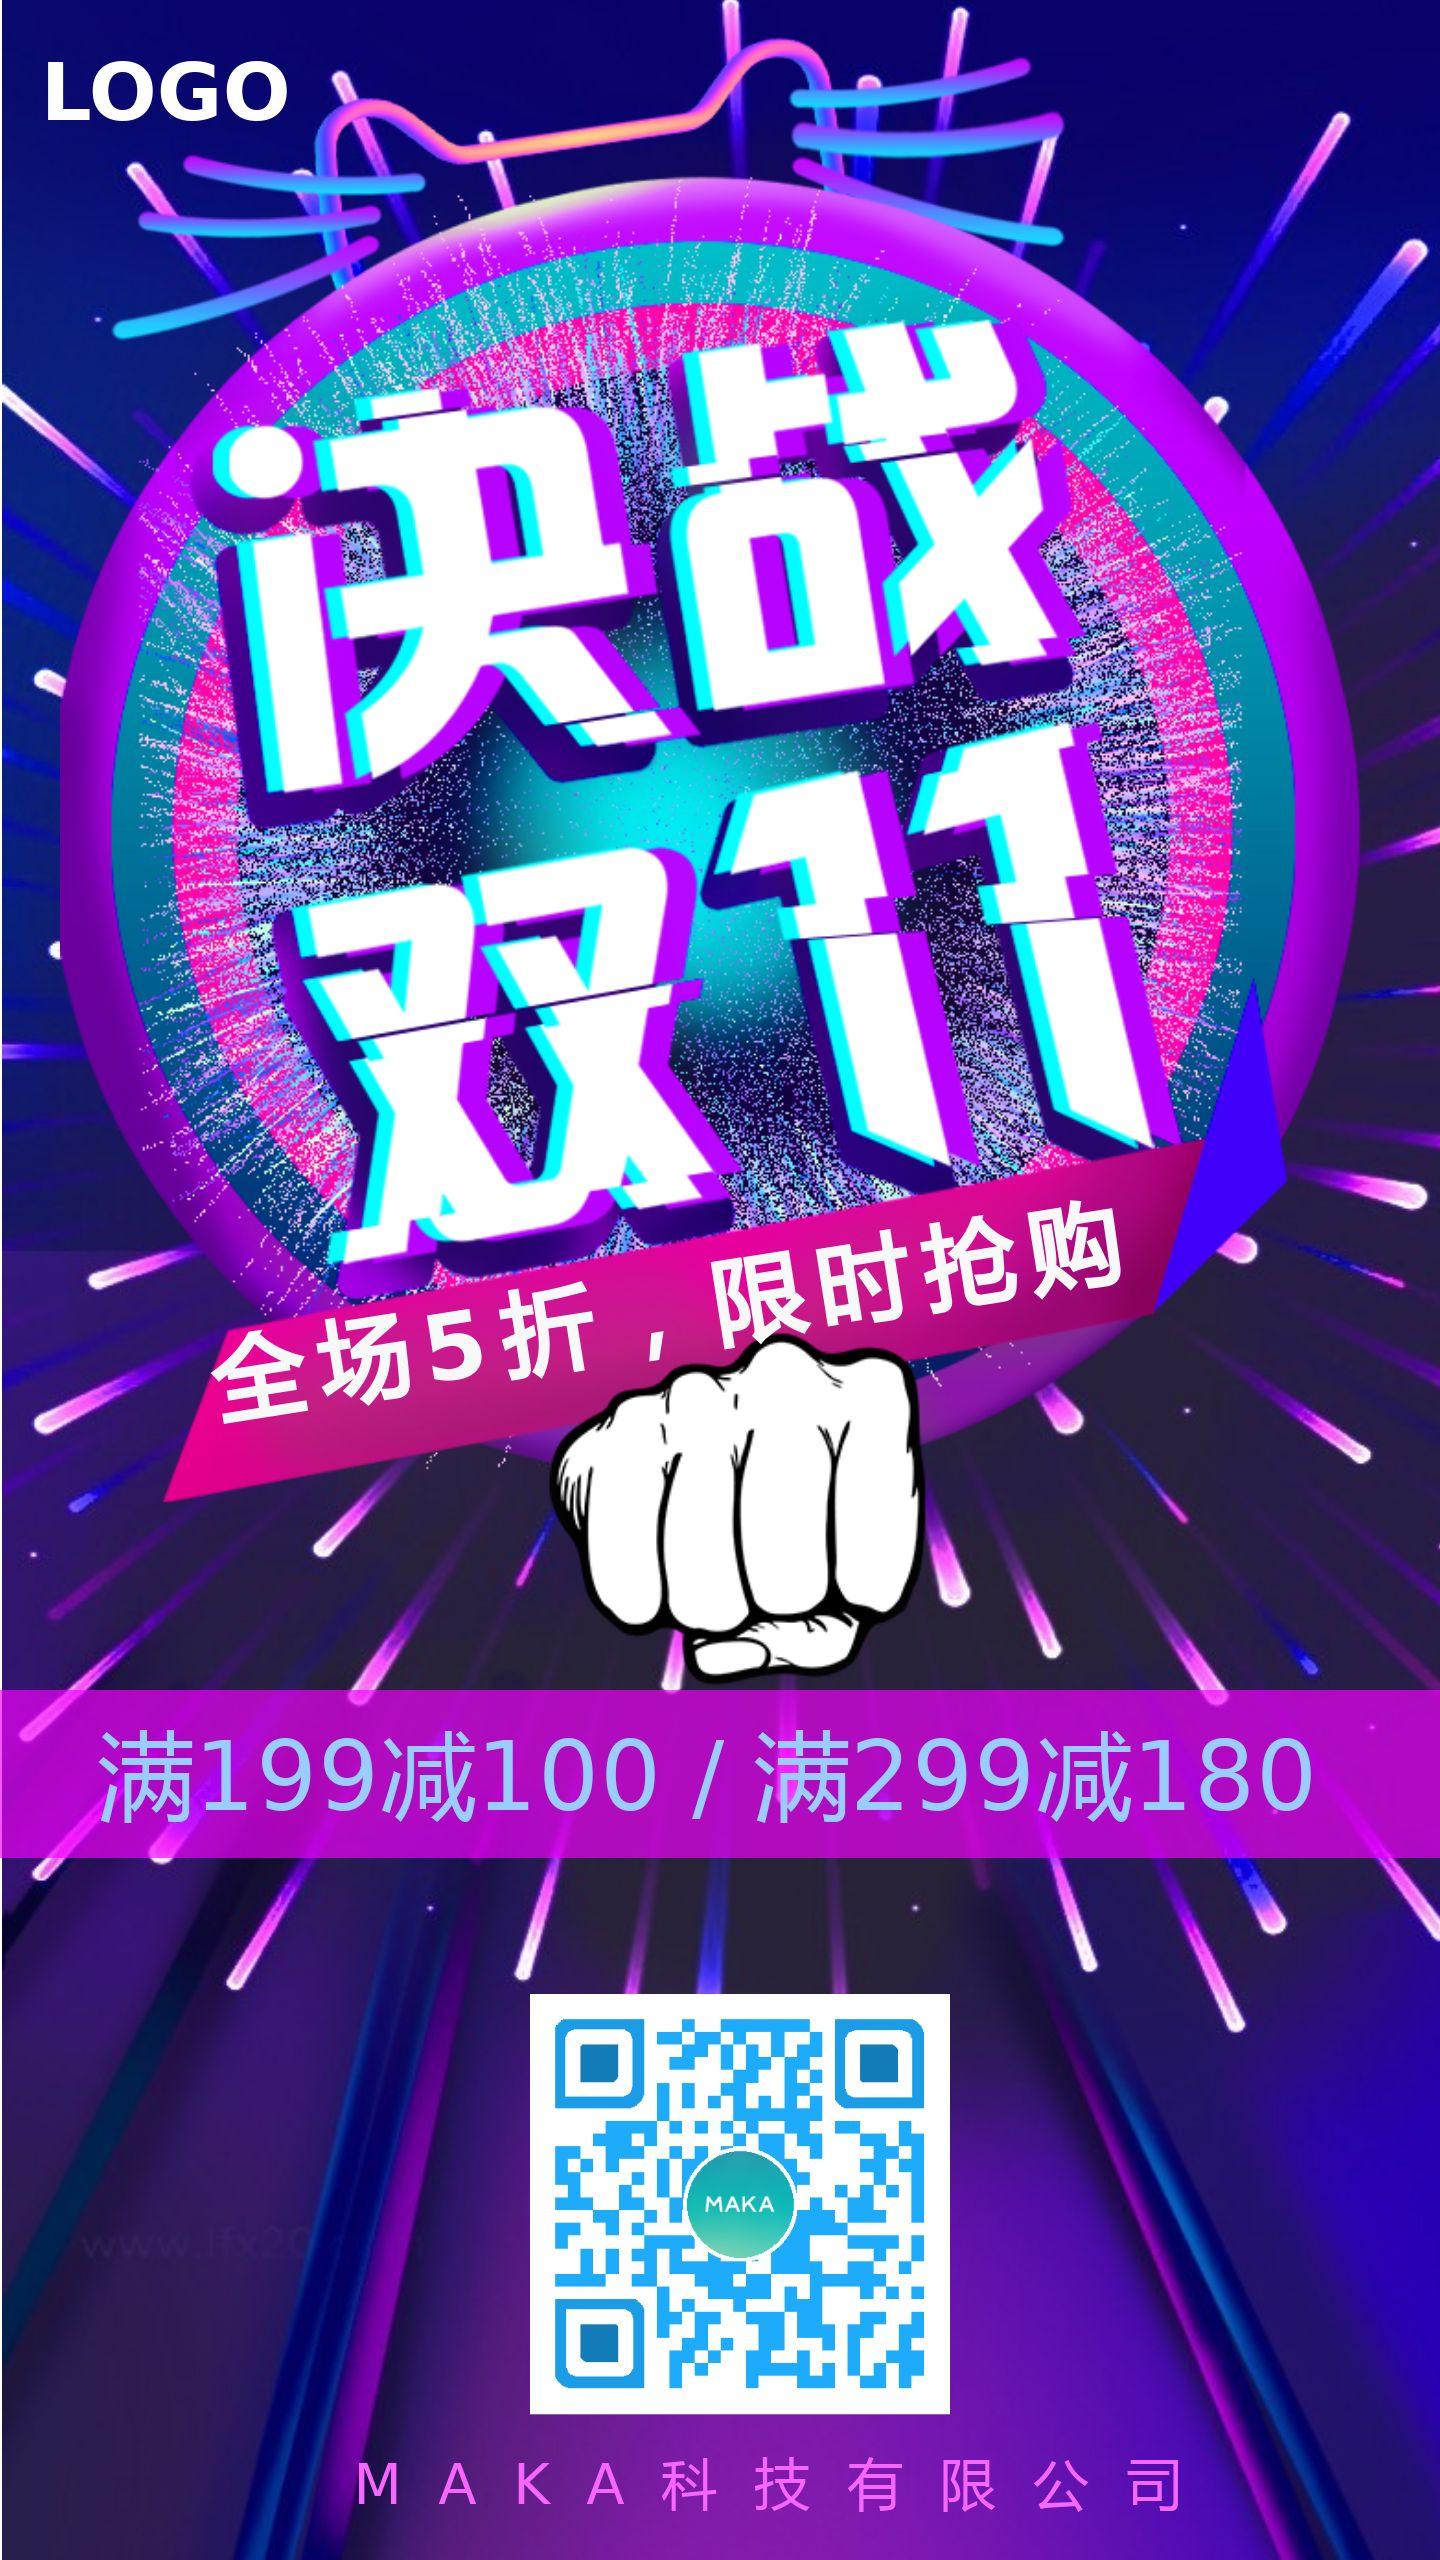 紫色抖音故障风大气双11商家节日促销手机海报模板